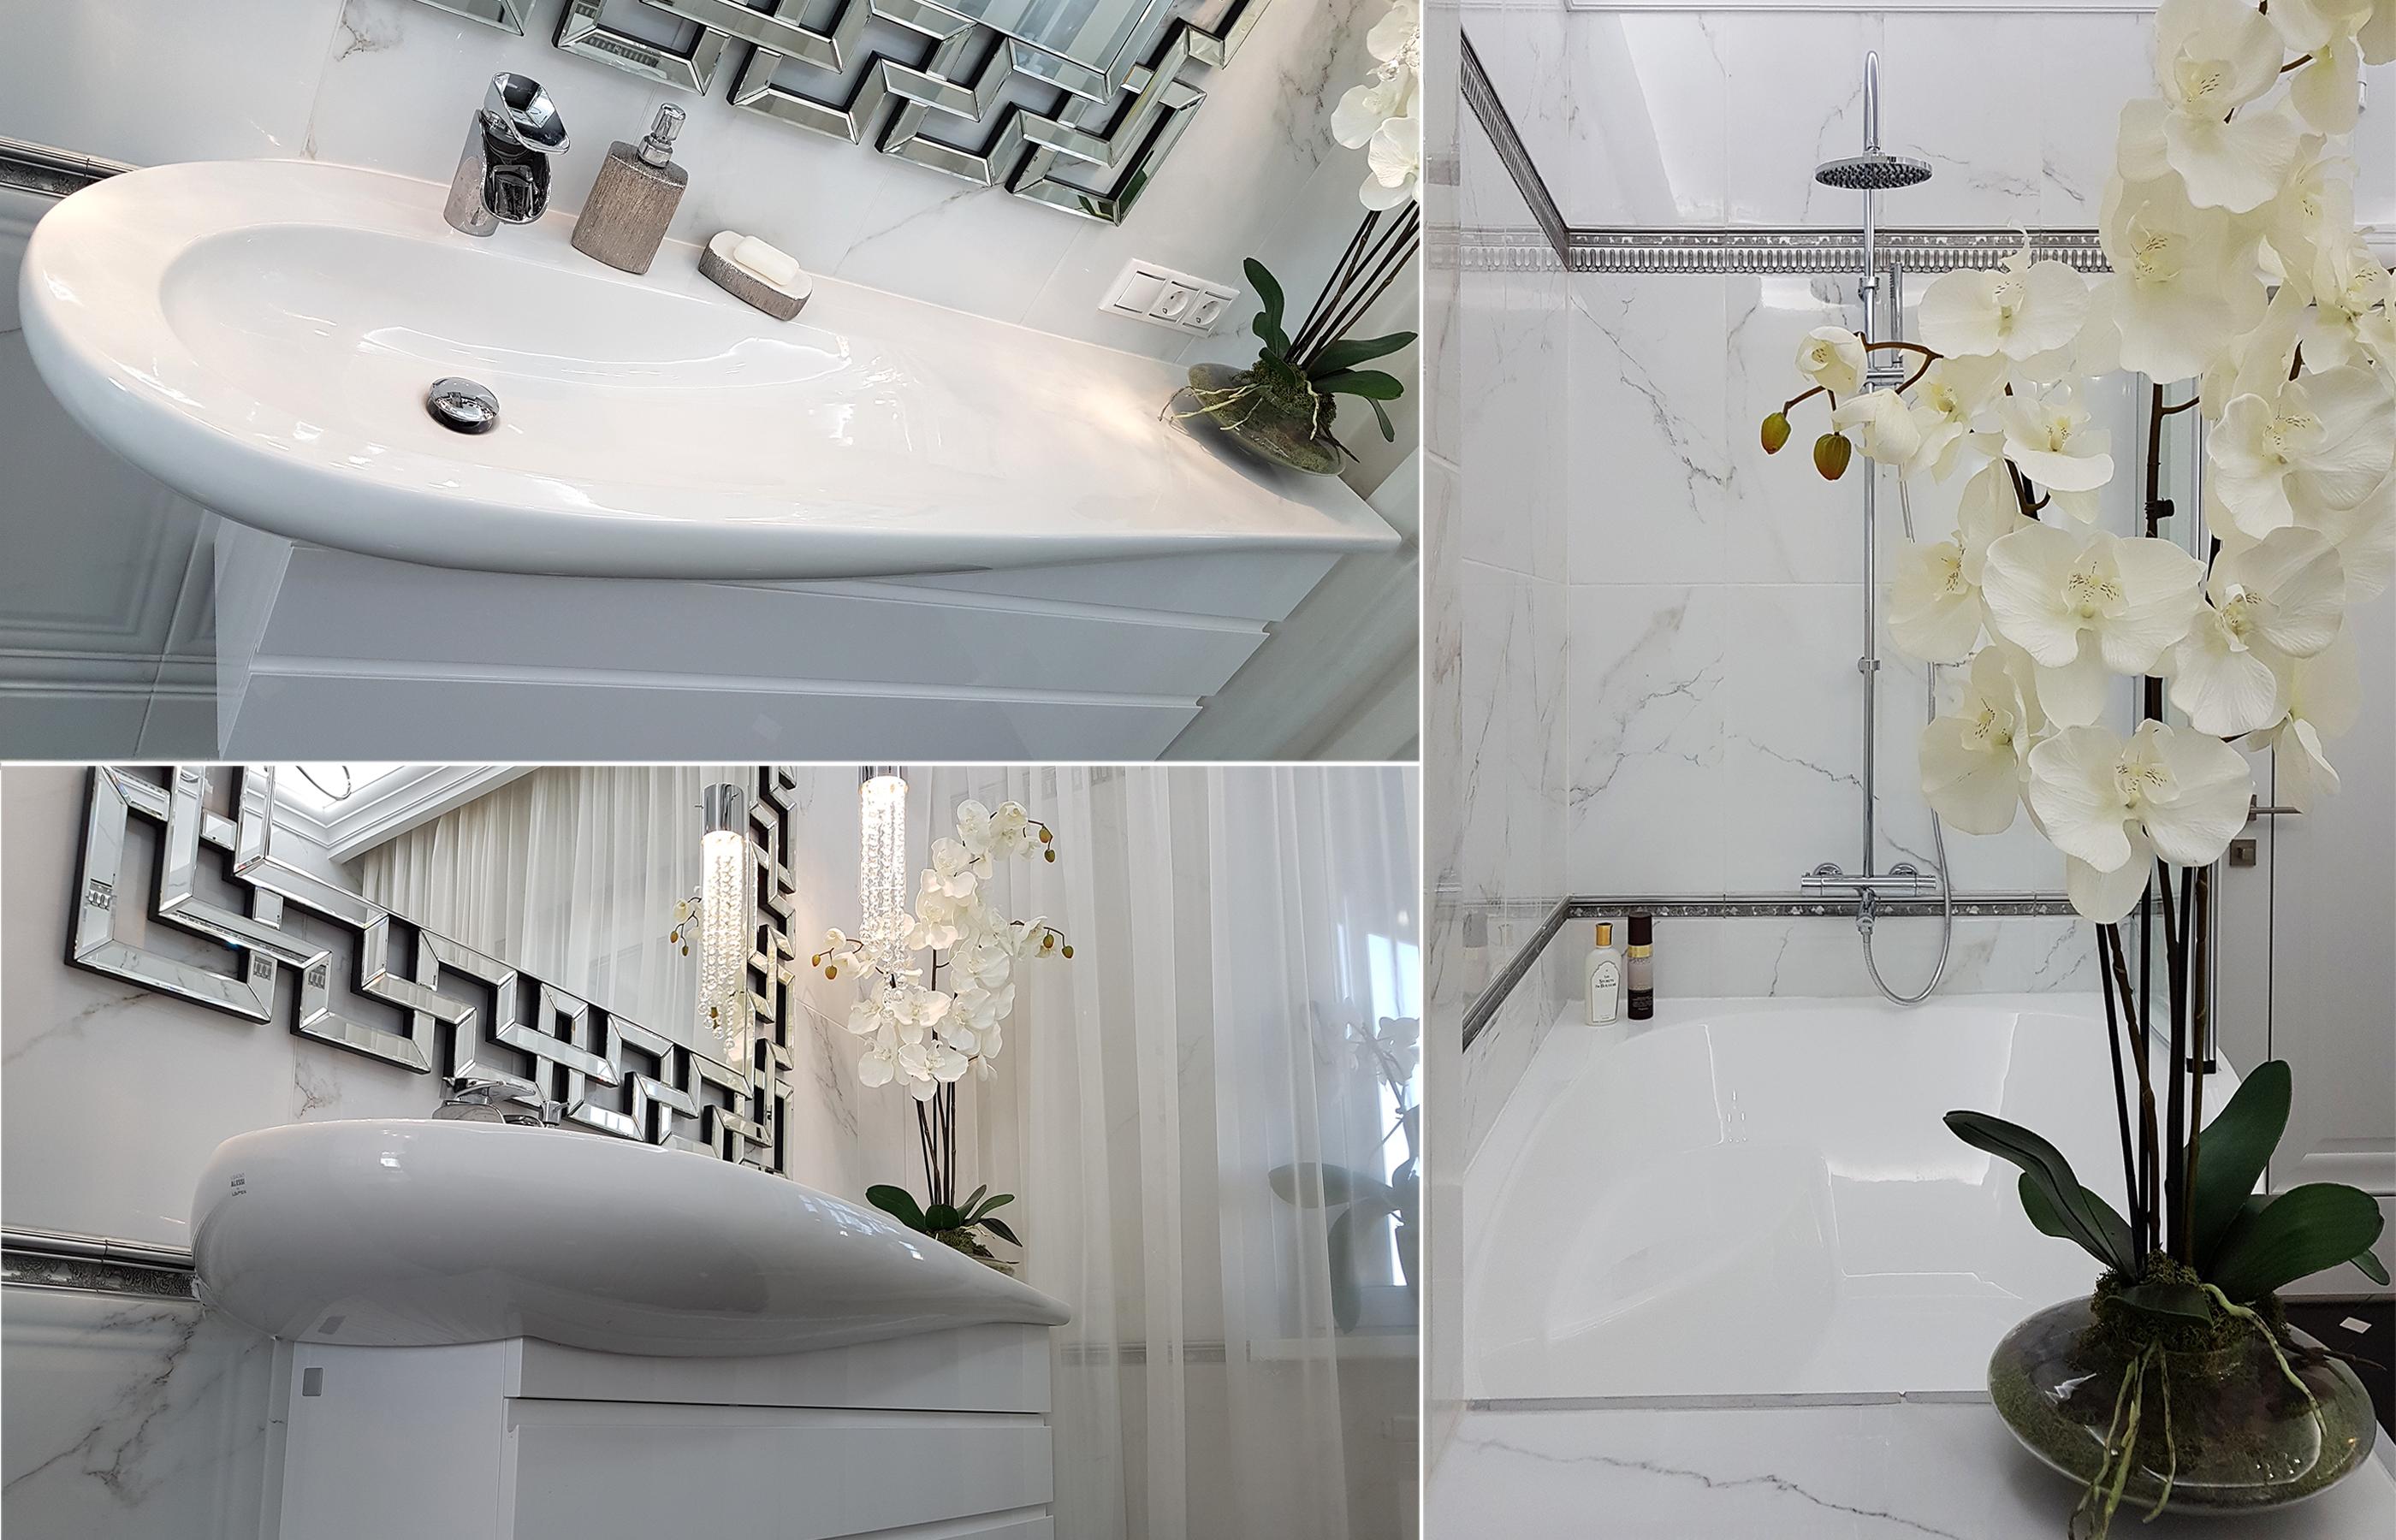 Раковина Alessi, по форме очень похожая на каплю, смягчает графичный интерьер ванной комнаты